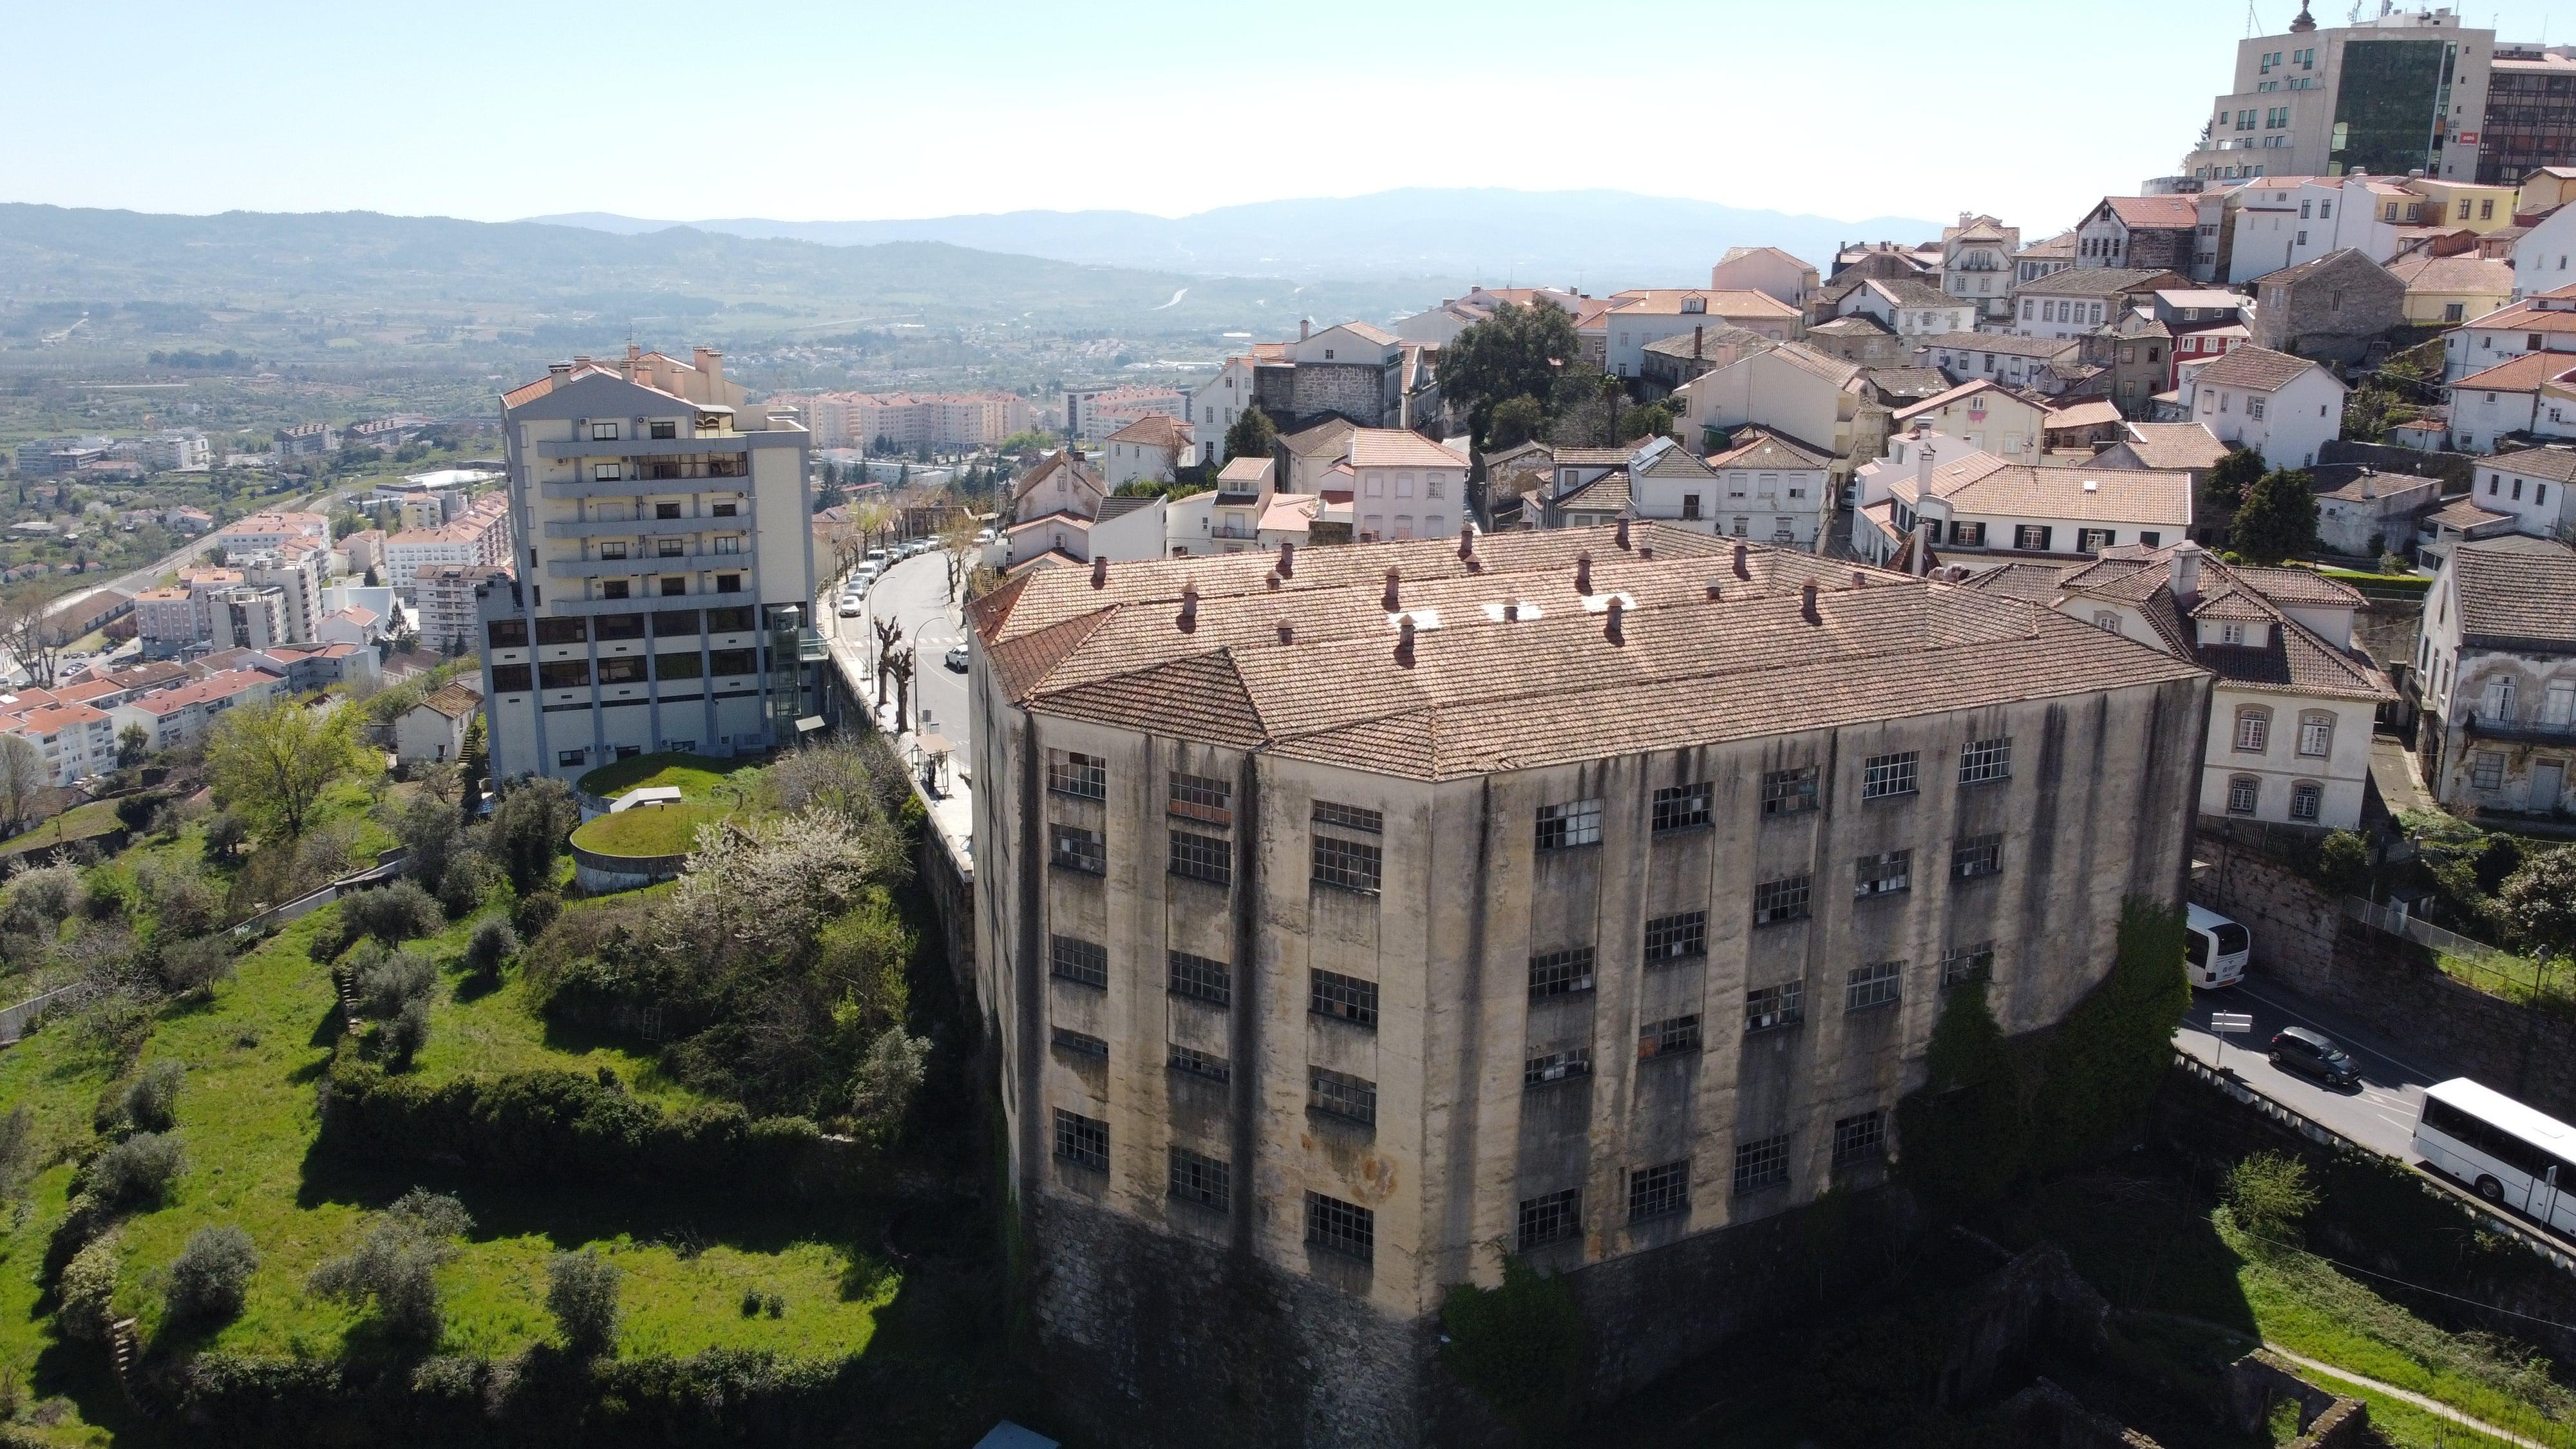 BCP vende edifício histórico na Covilhã por 1,2 milhões